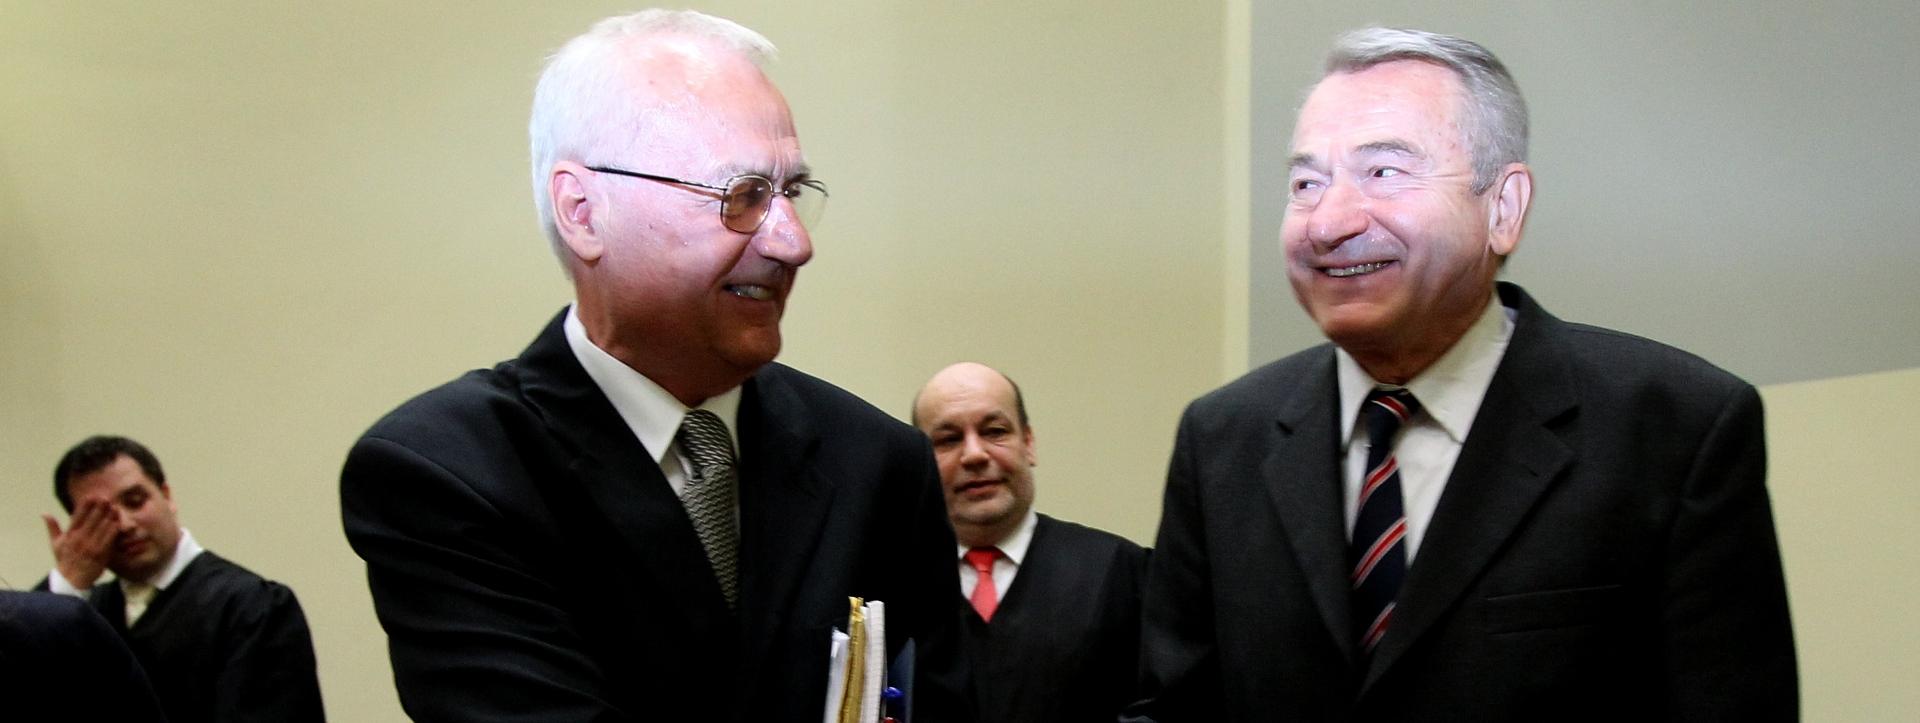 Perković i Mustač tuže Hrvatsku jer im je odbila financirati obranu u Münchenu